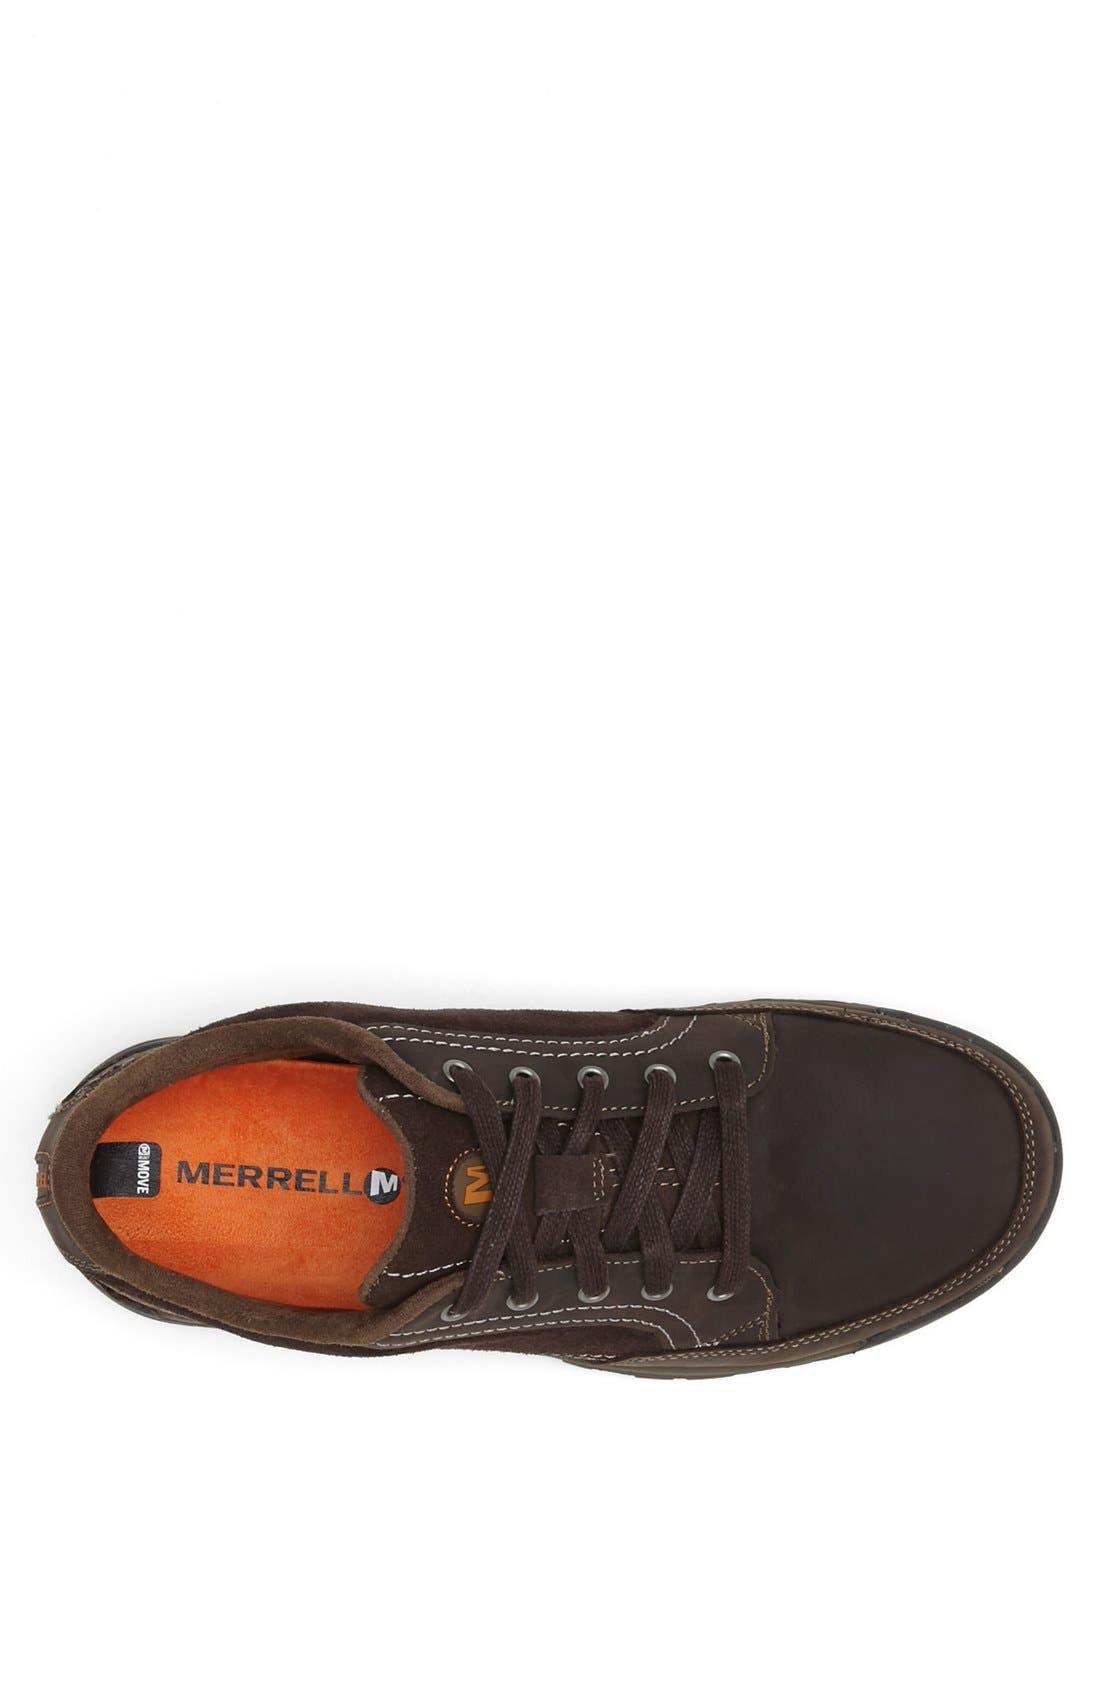 Alternate Image 3  - Merrell 'Traveler Sphere' Sneaker (Men)